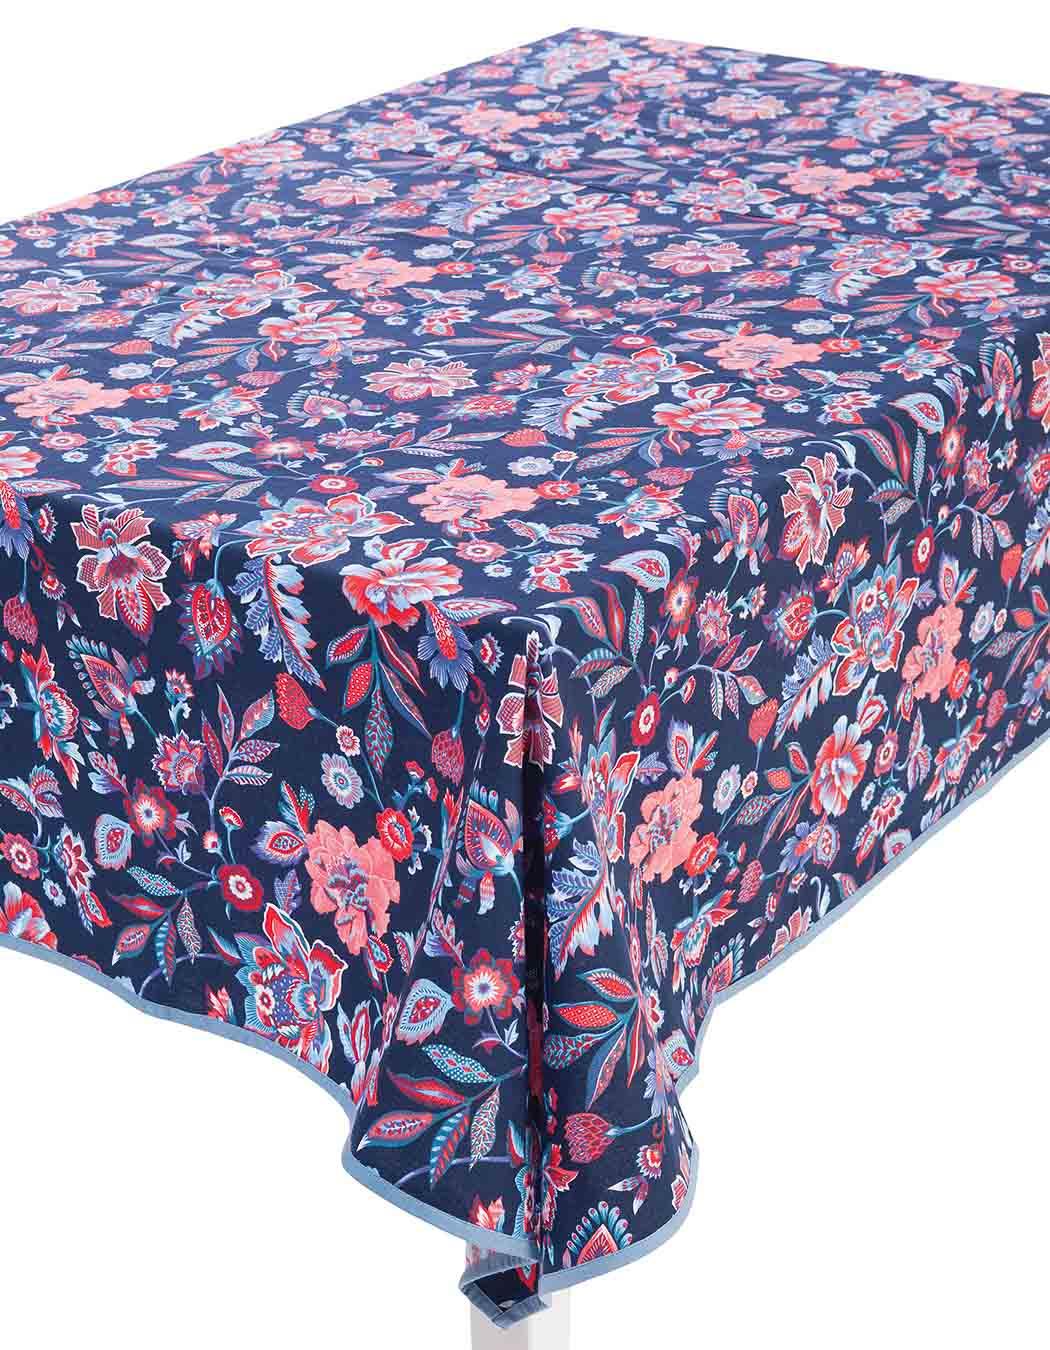 Nappe carrée en coton marine 170 x 170